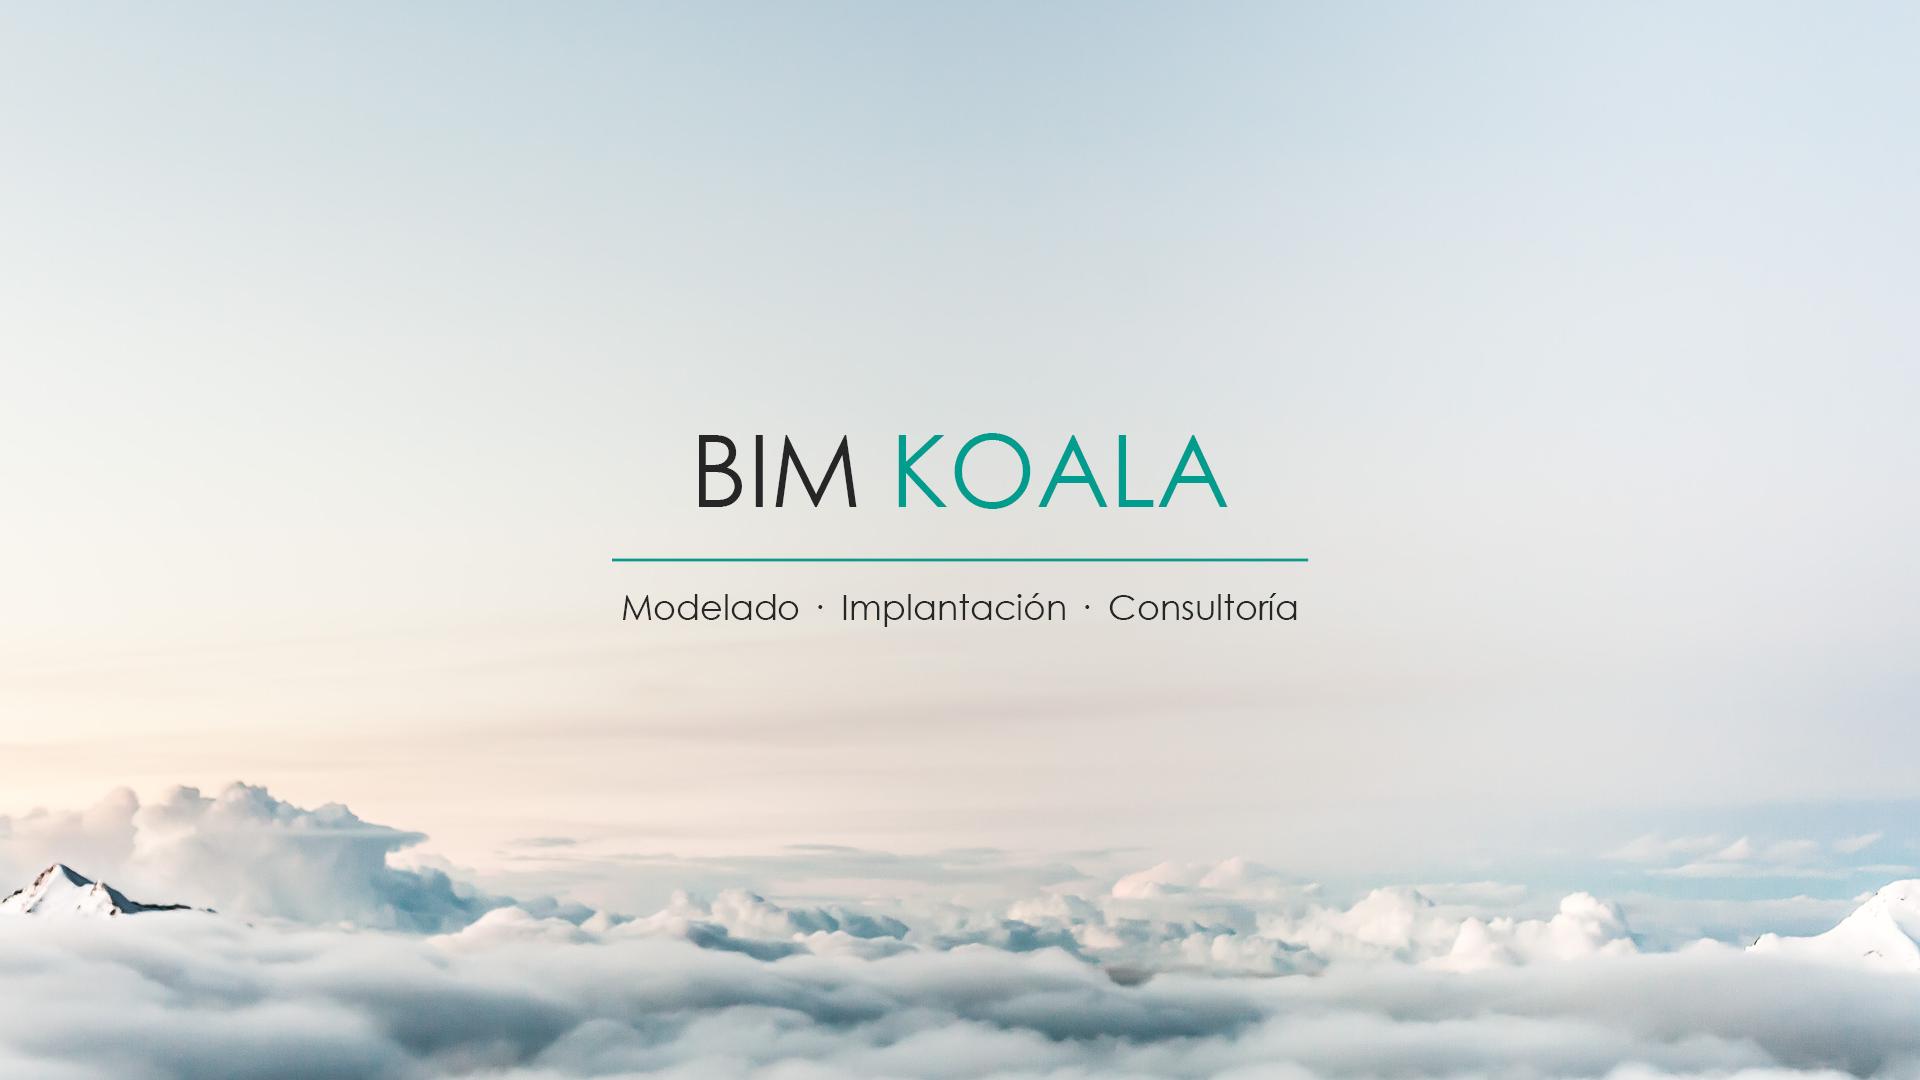 Koala_Dossier2019_1920x108016